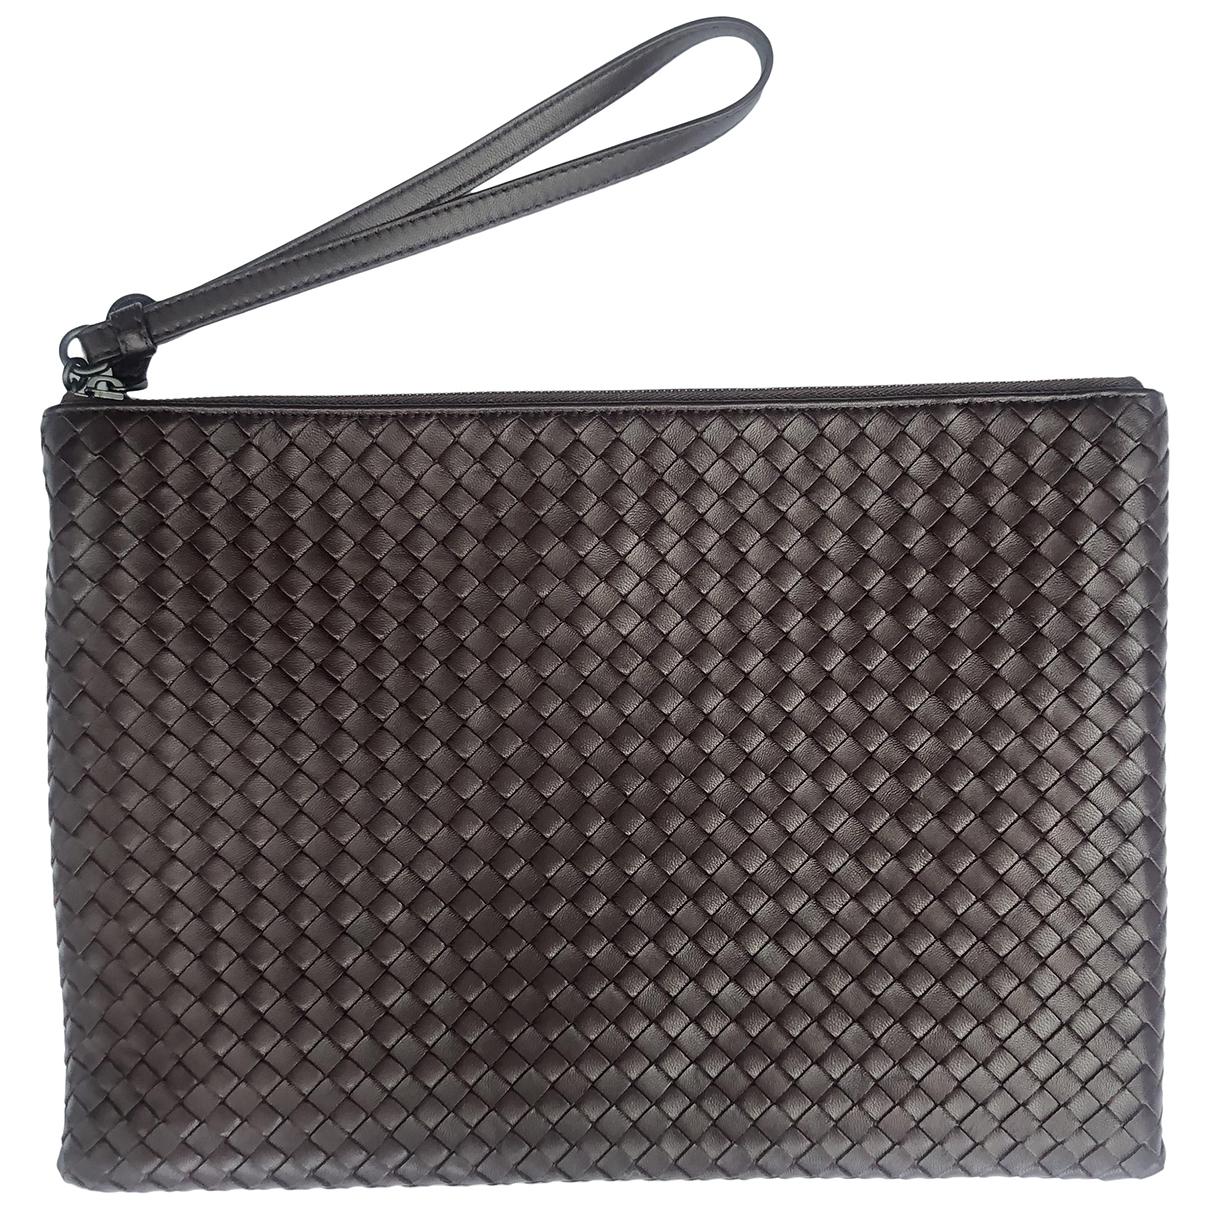 Bottega Veneta \N Burgundy Leather Clutch bag for Women \N